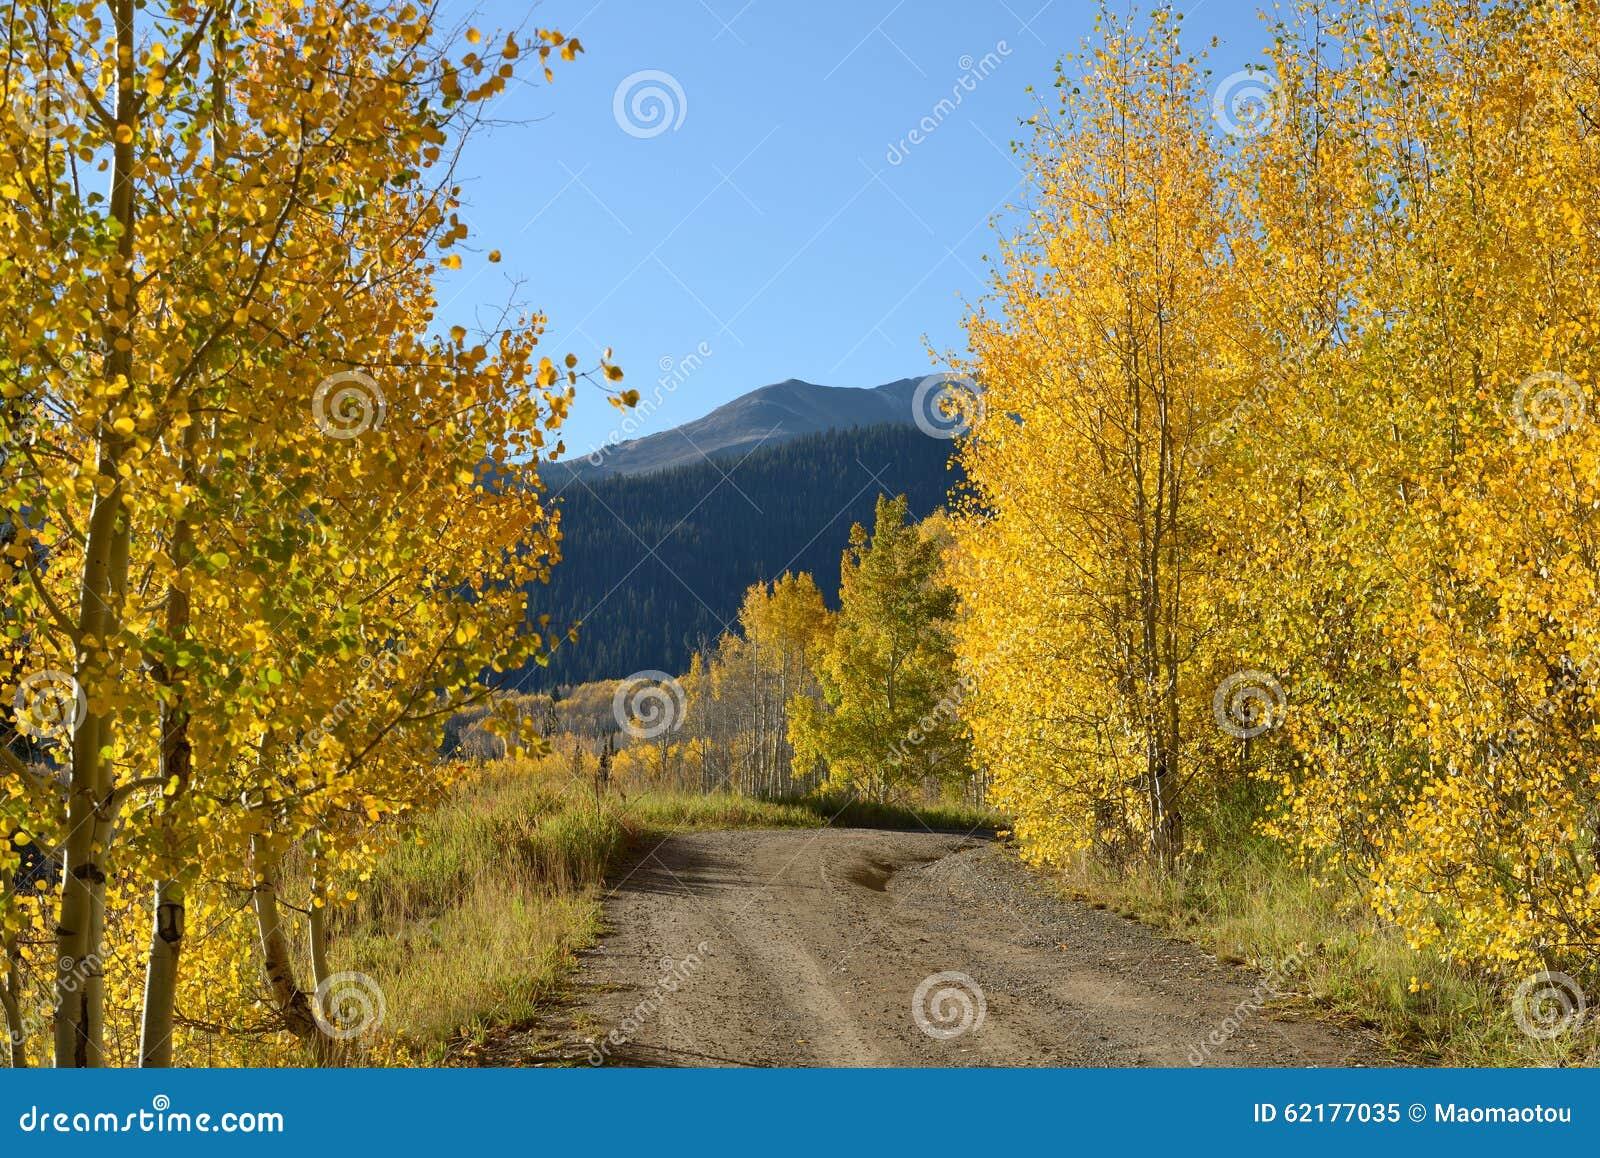 Sunny Autumn Mountain Road